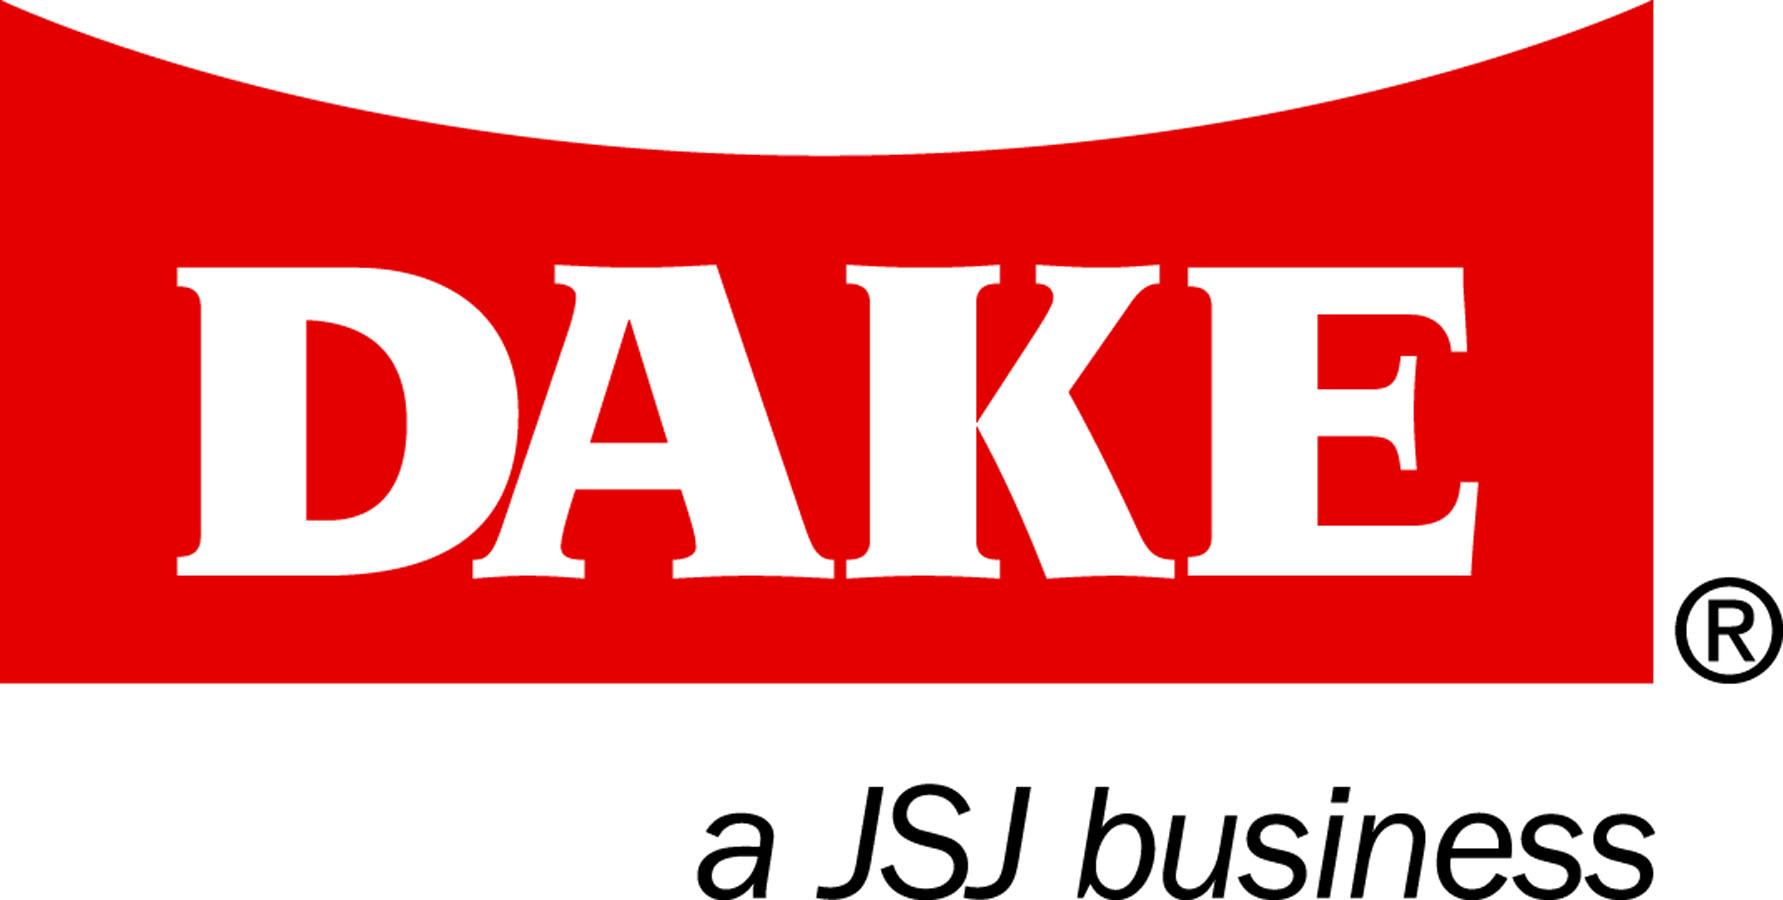 Dake Corp